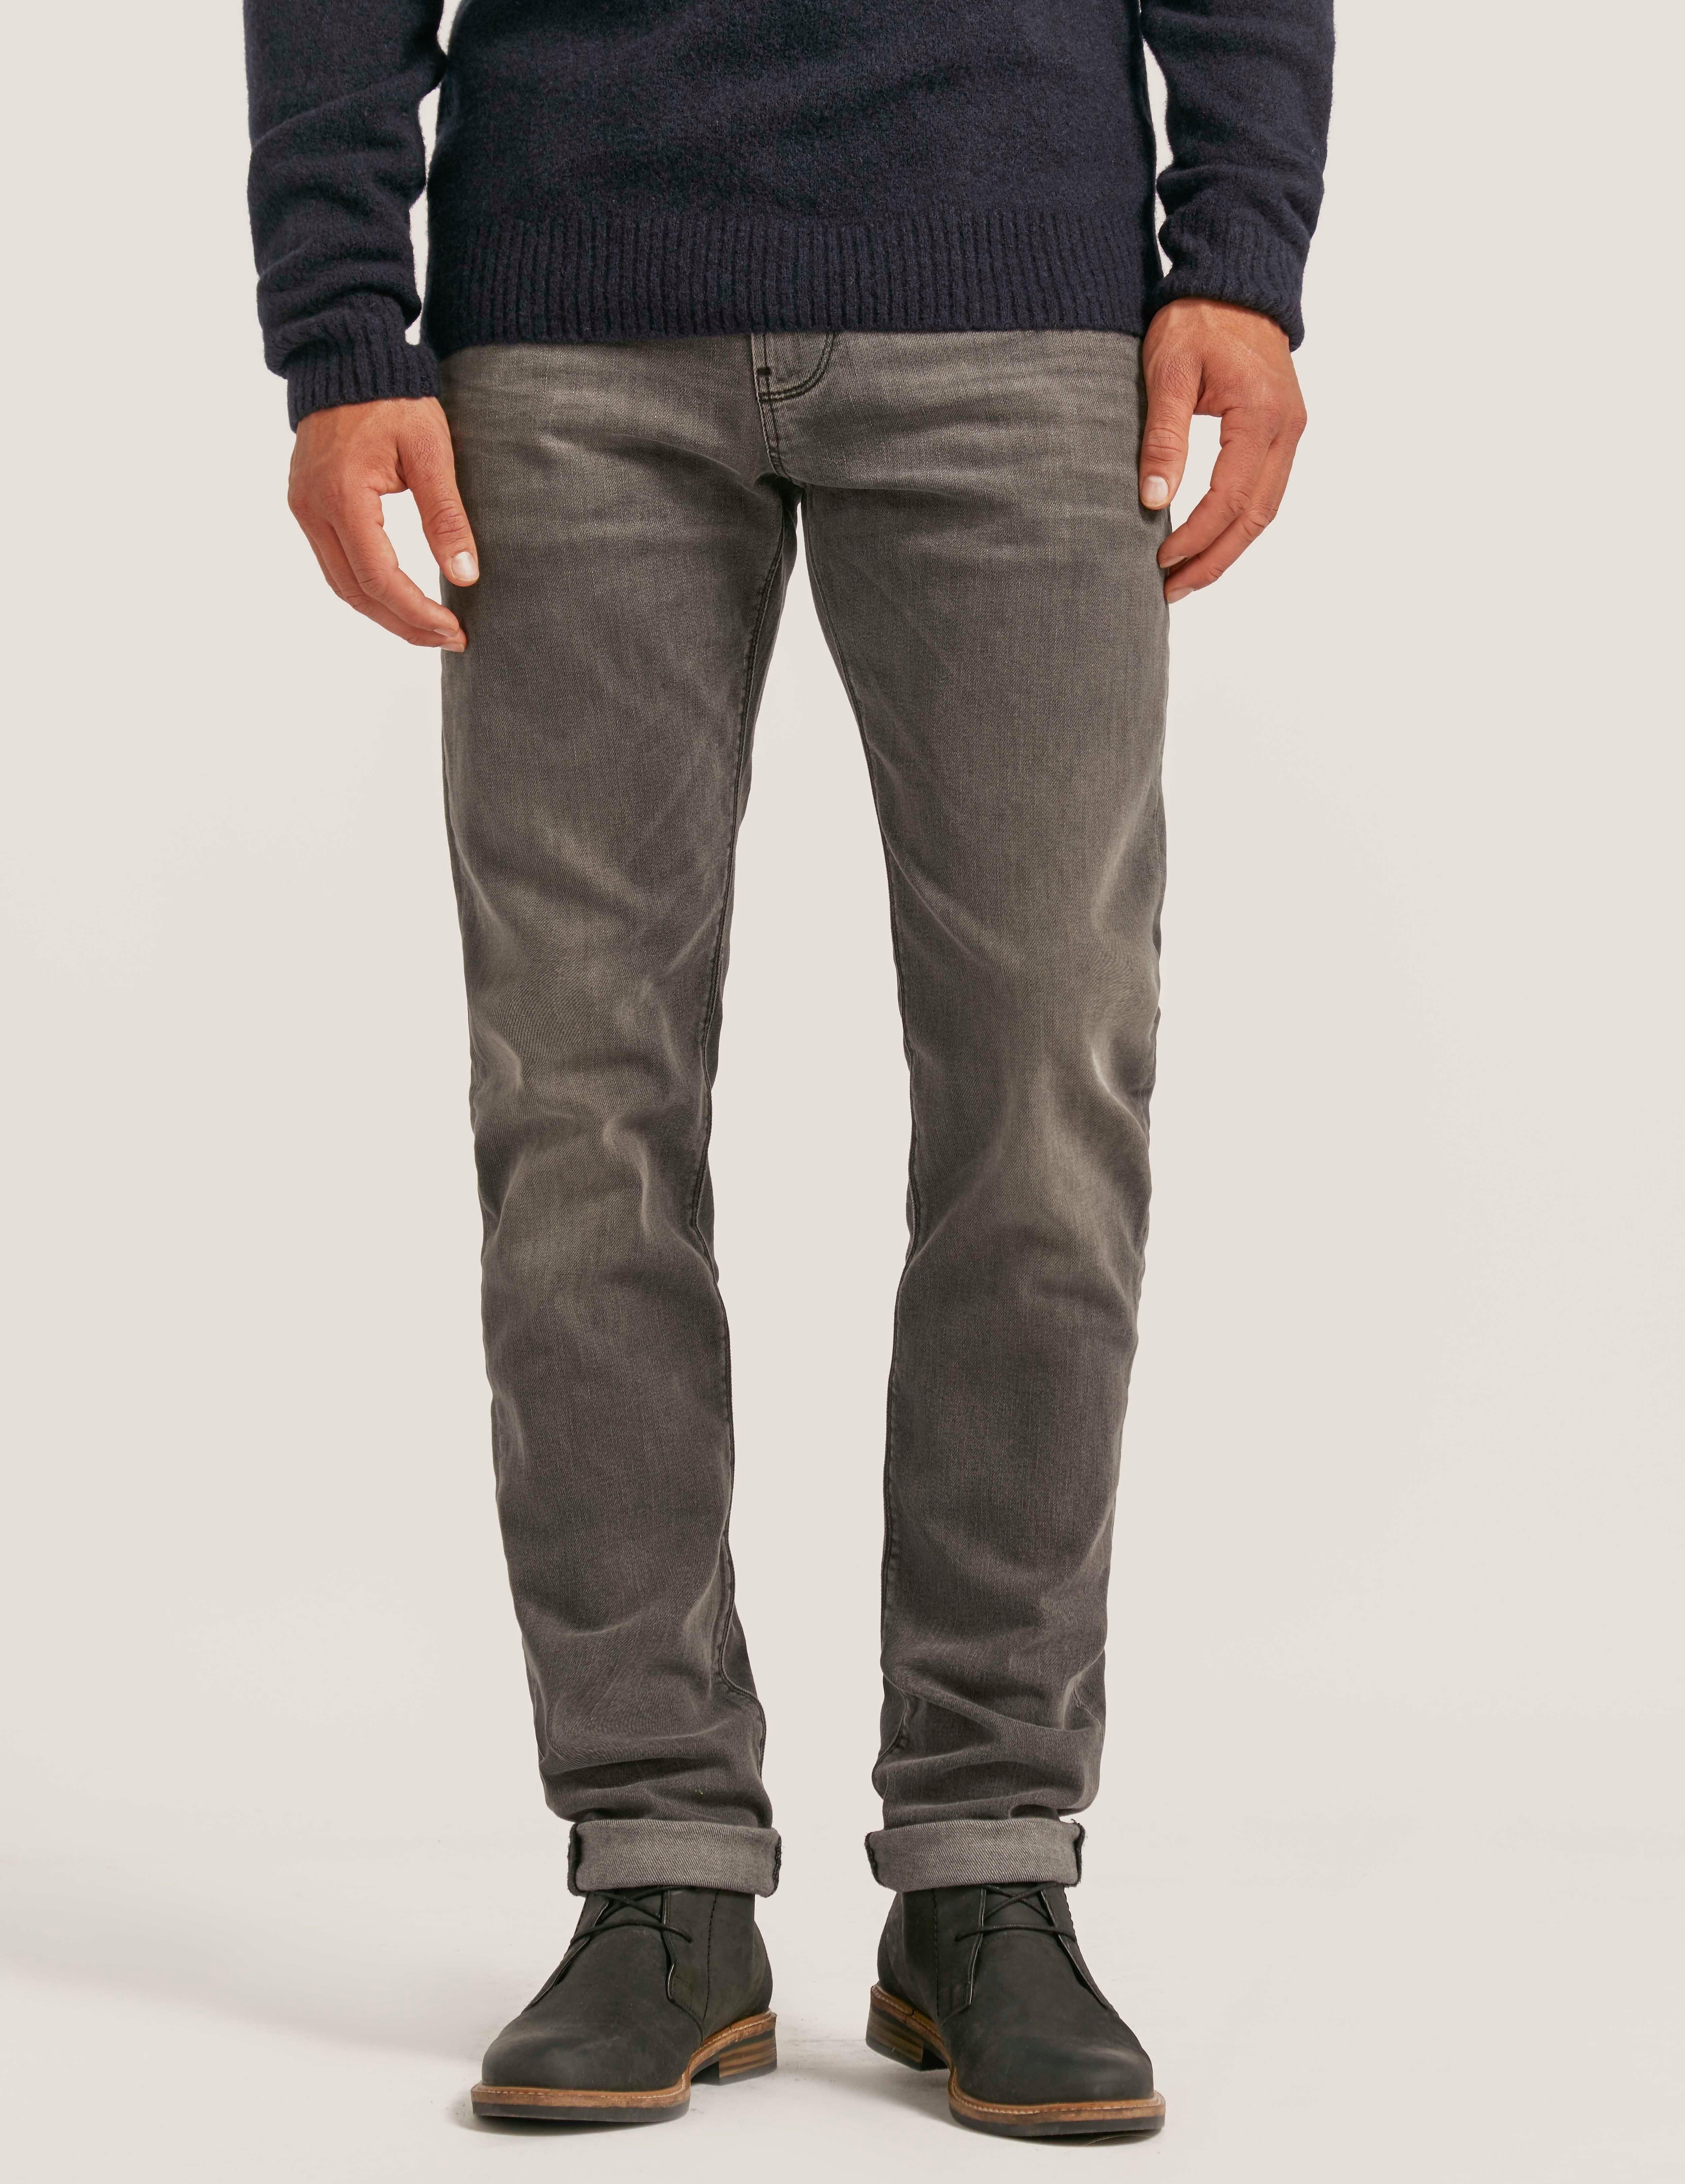 Armani Jeans J06 Grey Wash 34L